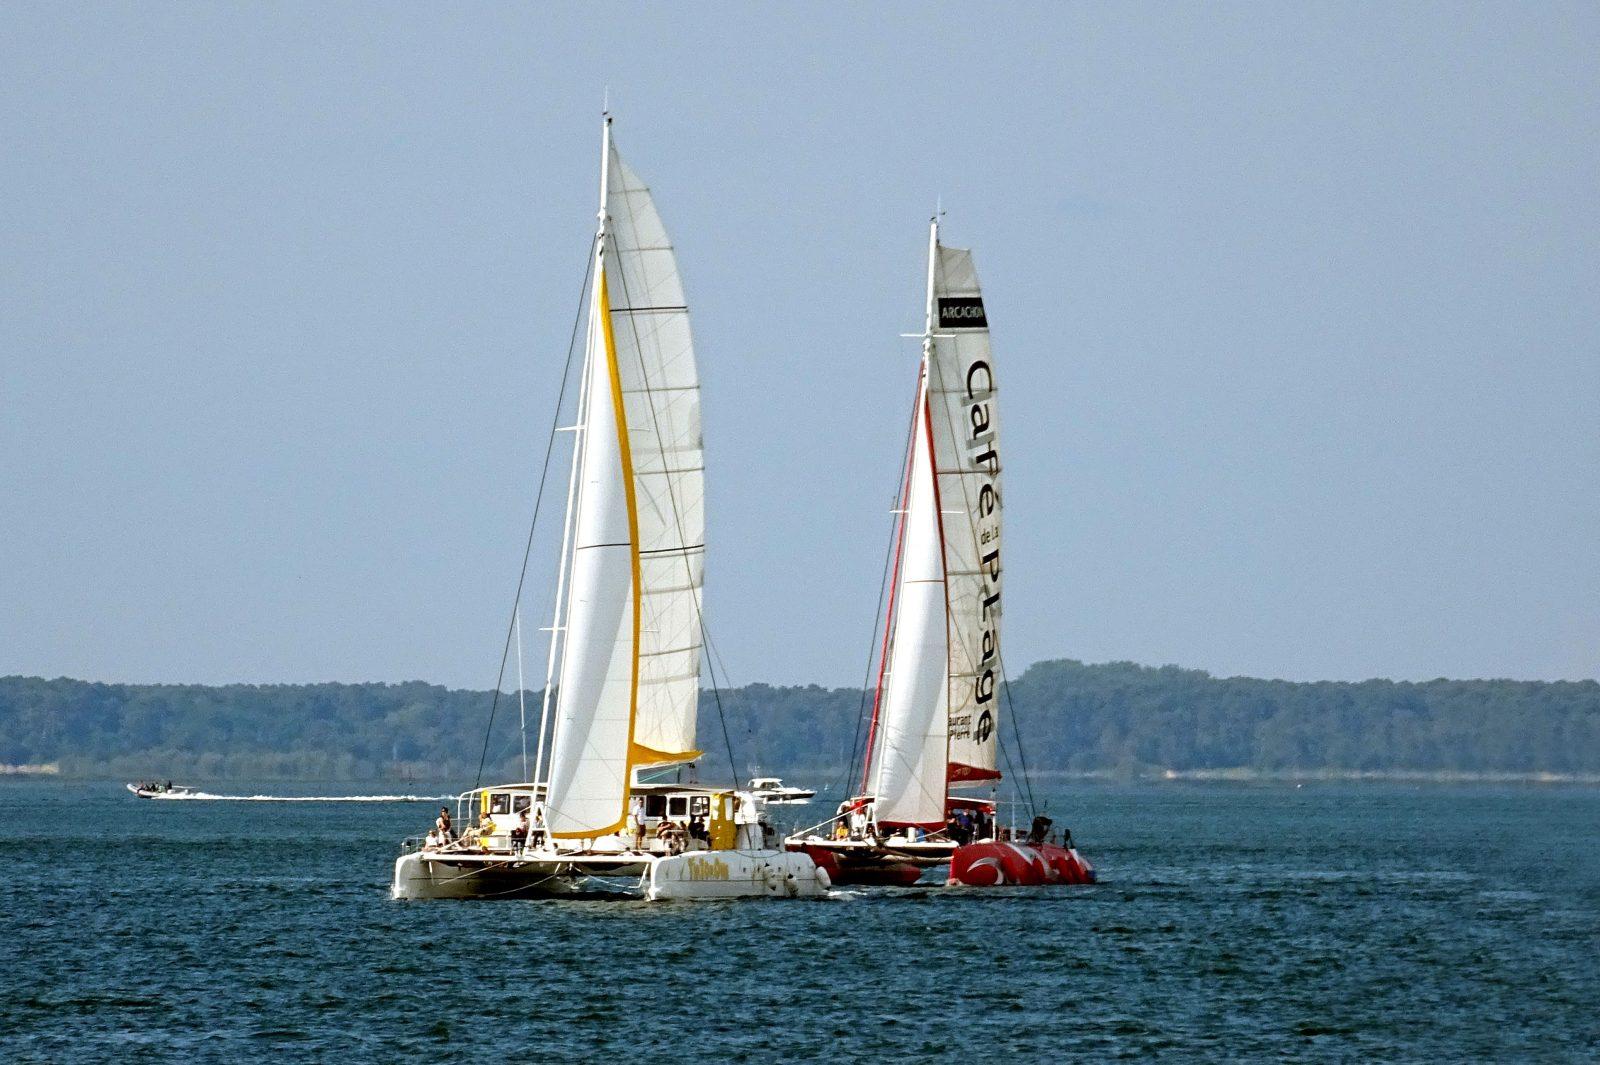 Les 2 catamarans géants à voile : Tip Top One et Tip Top Too